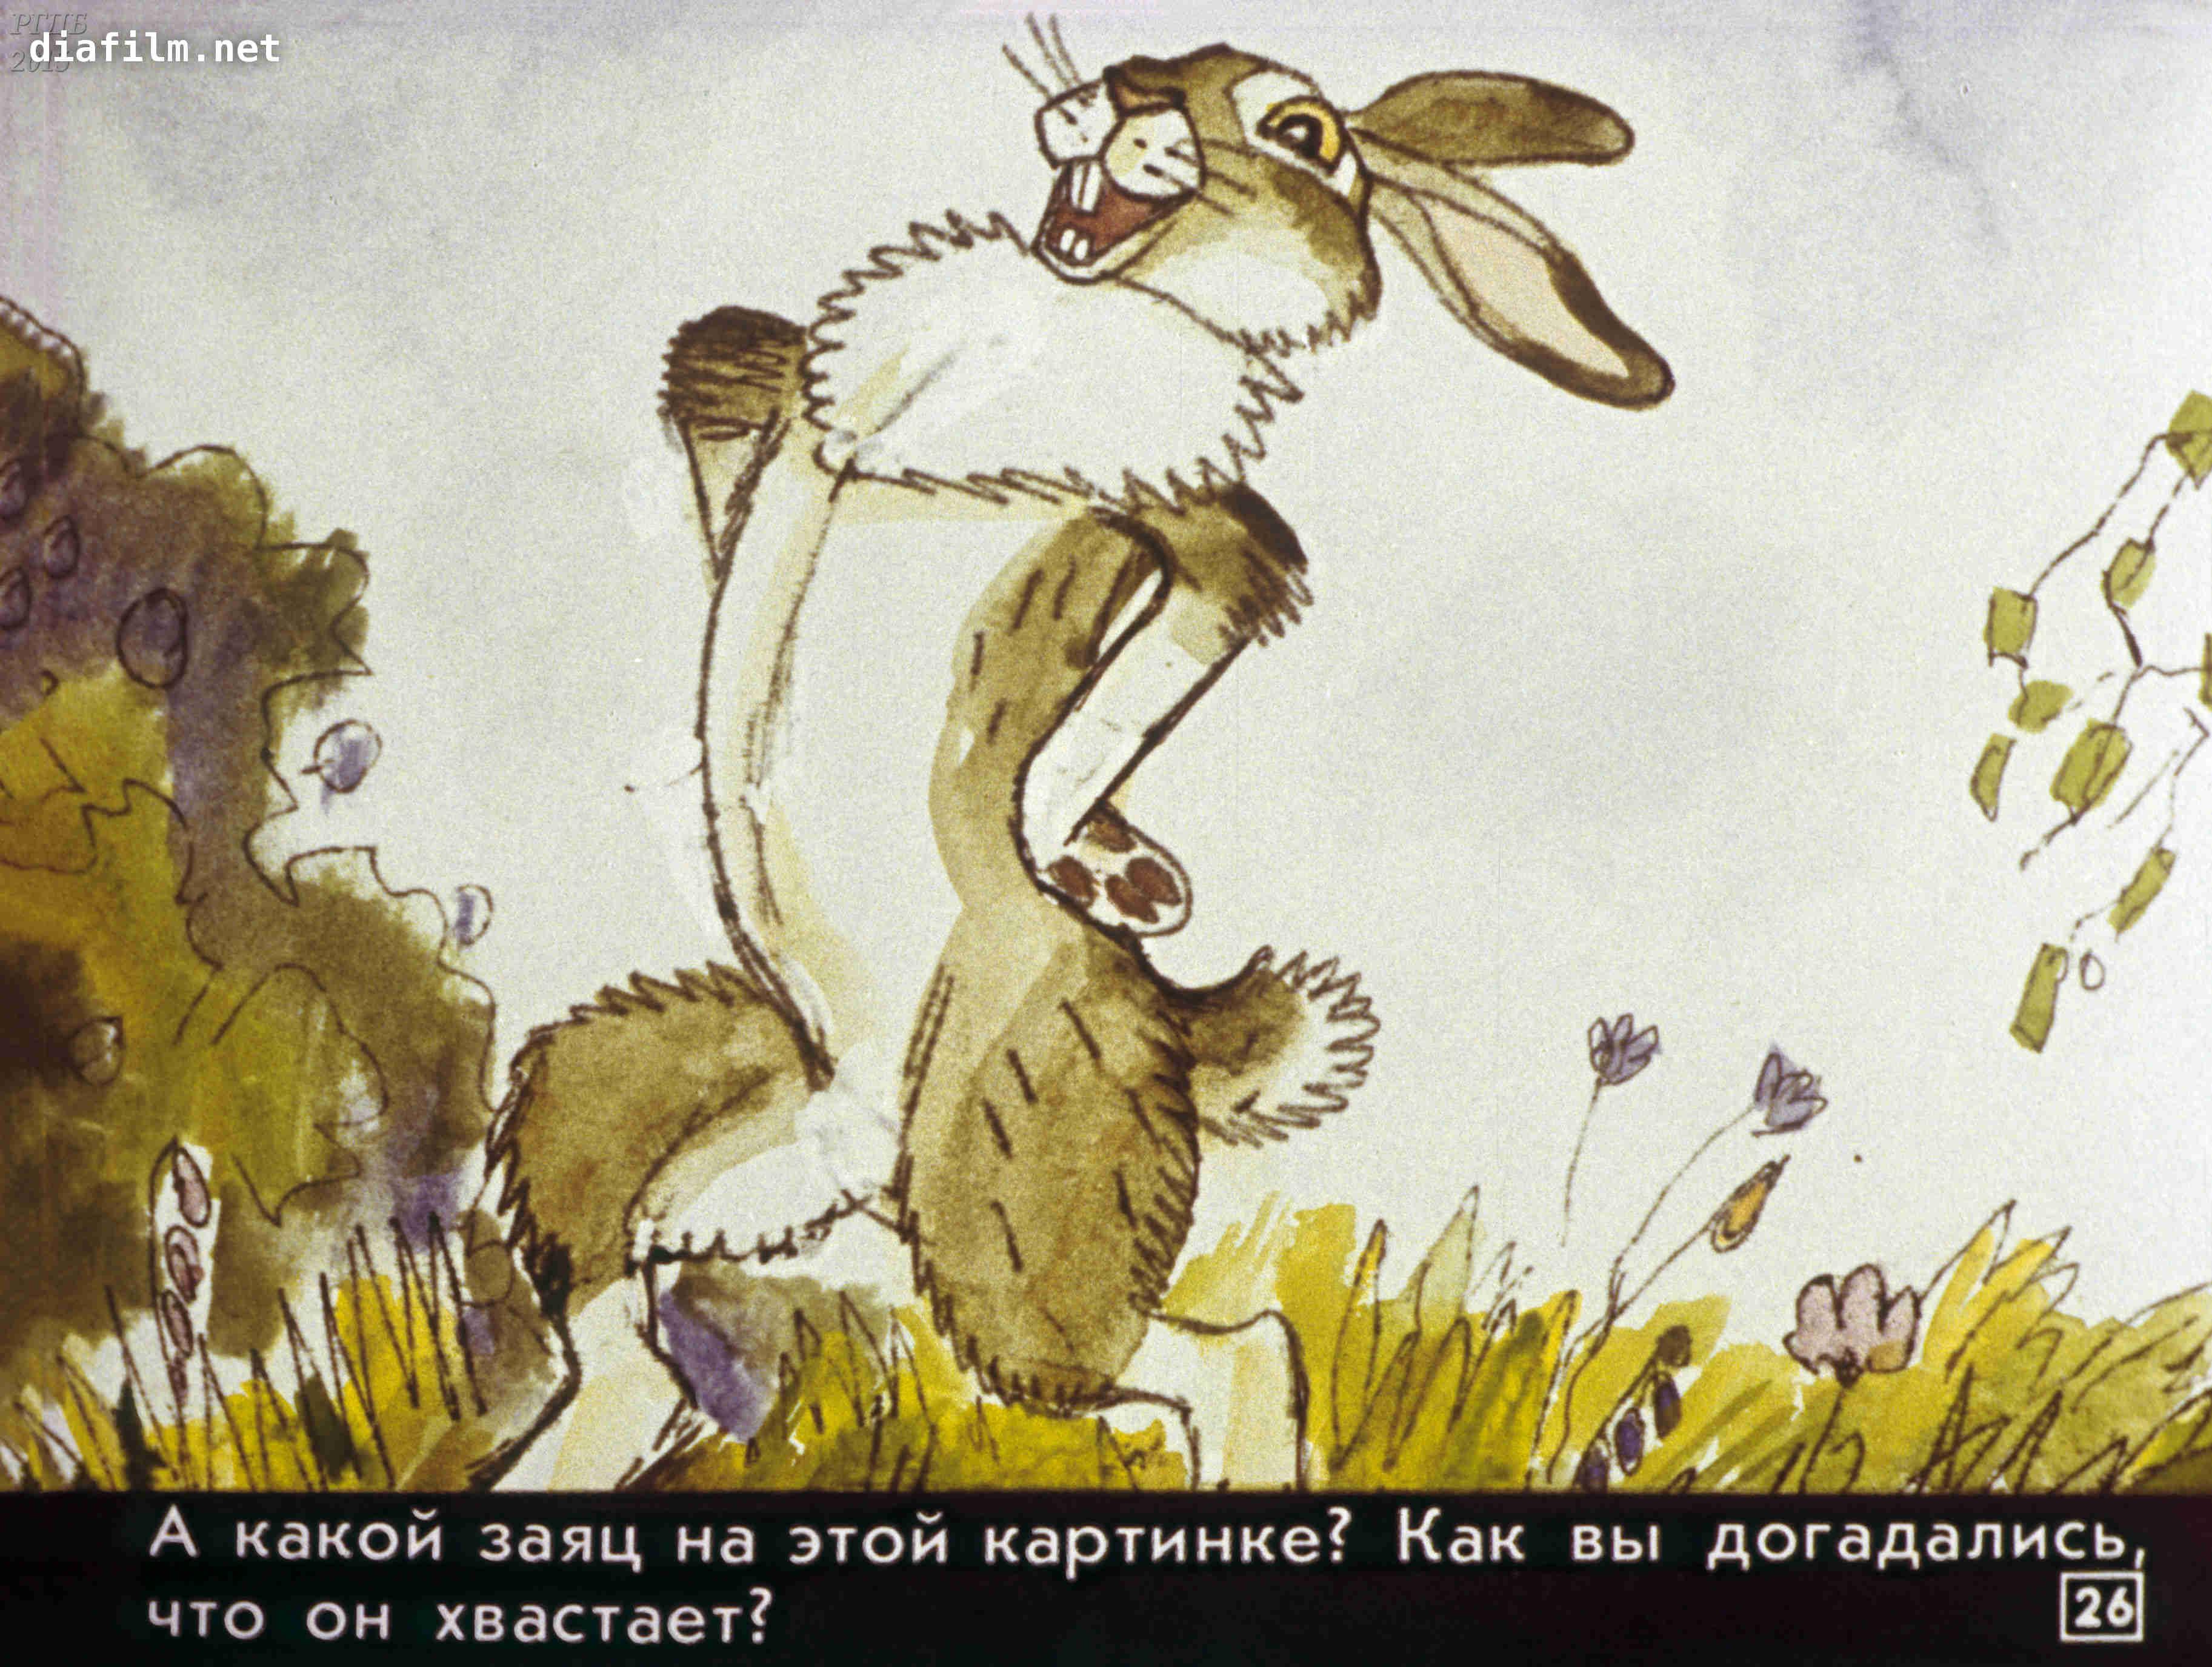 этапом картинка сказка про храброго зайца длинные уши косые глаза фанатов армрестлинга всего